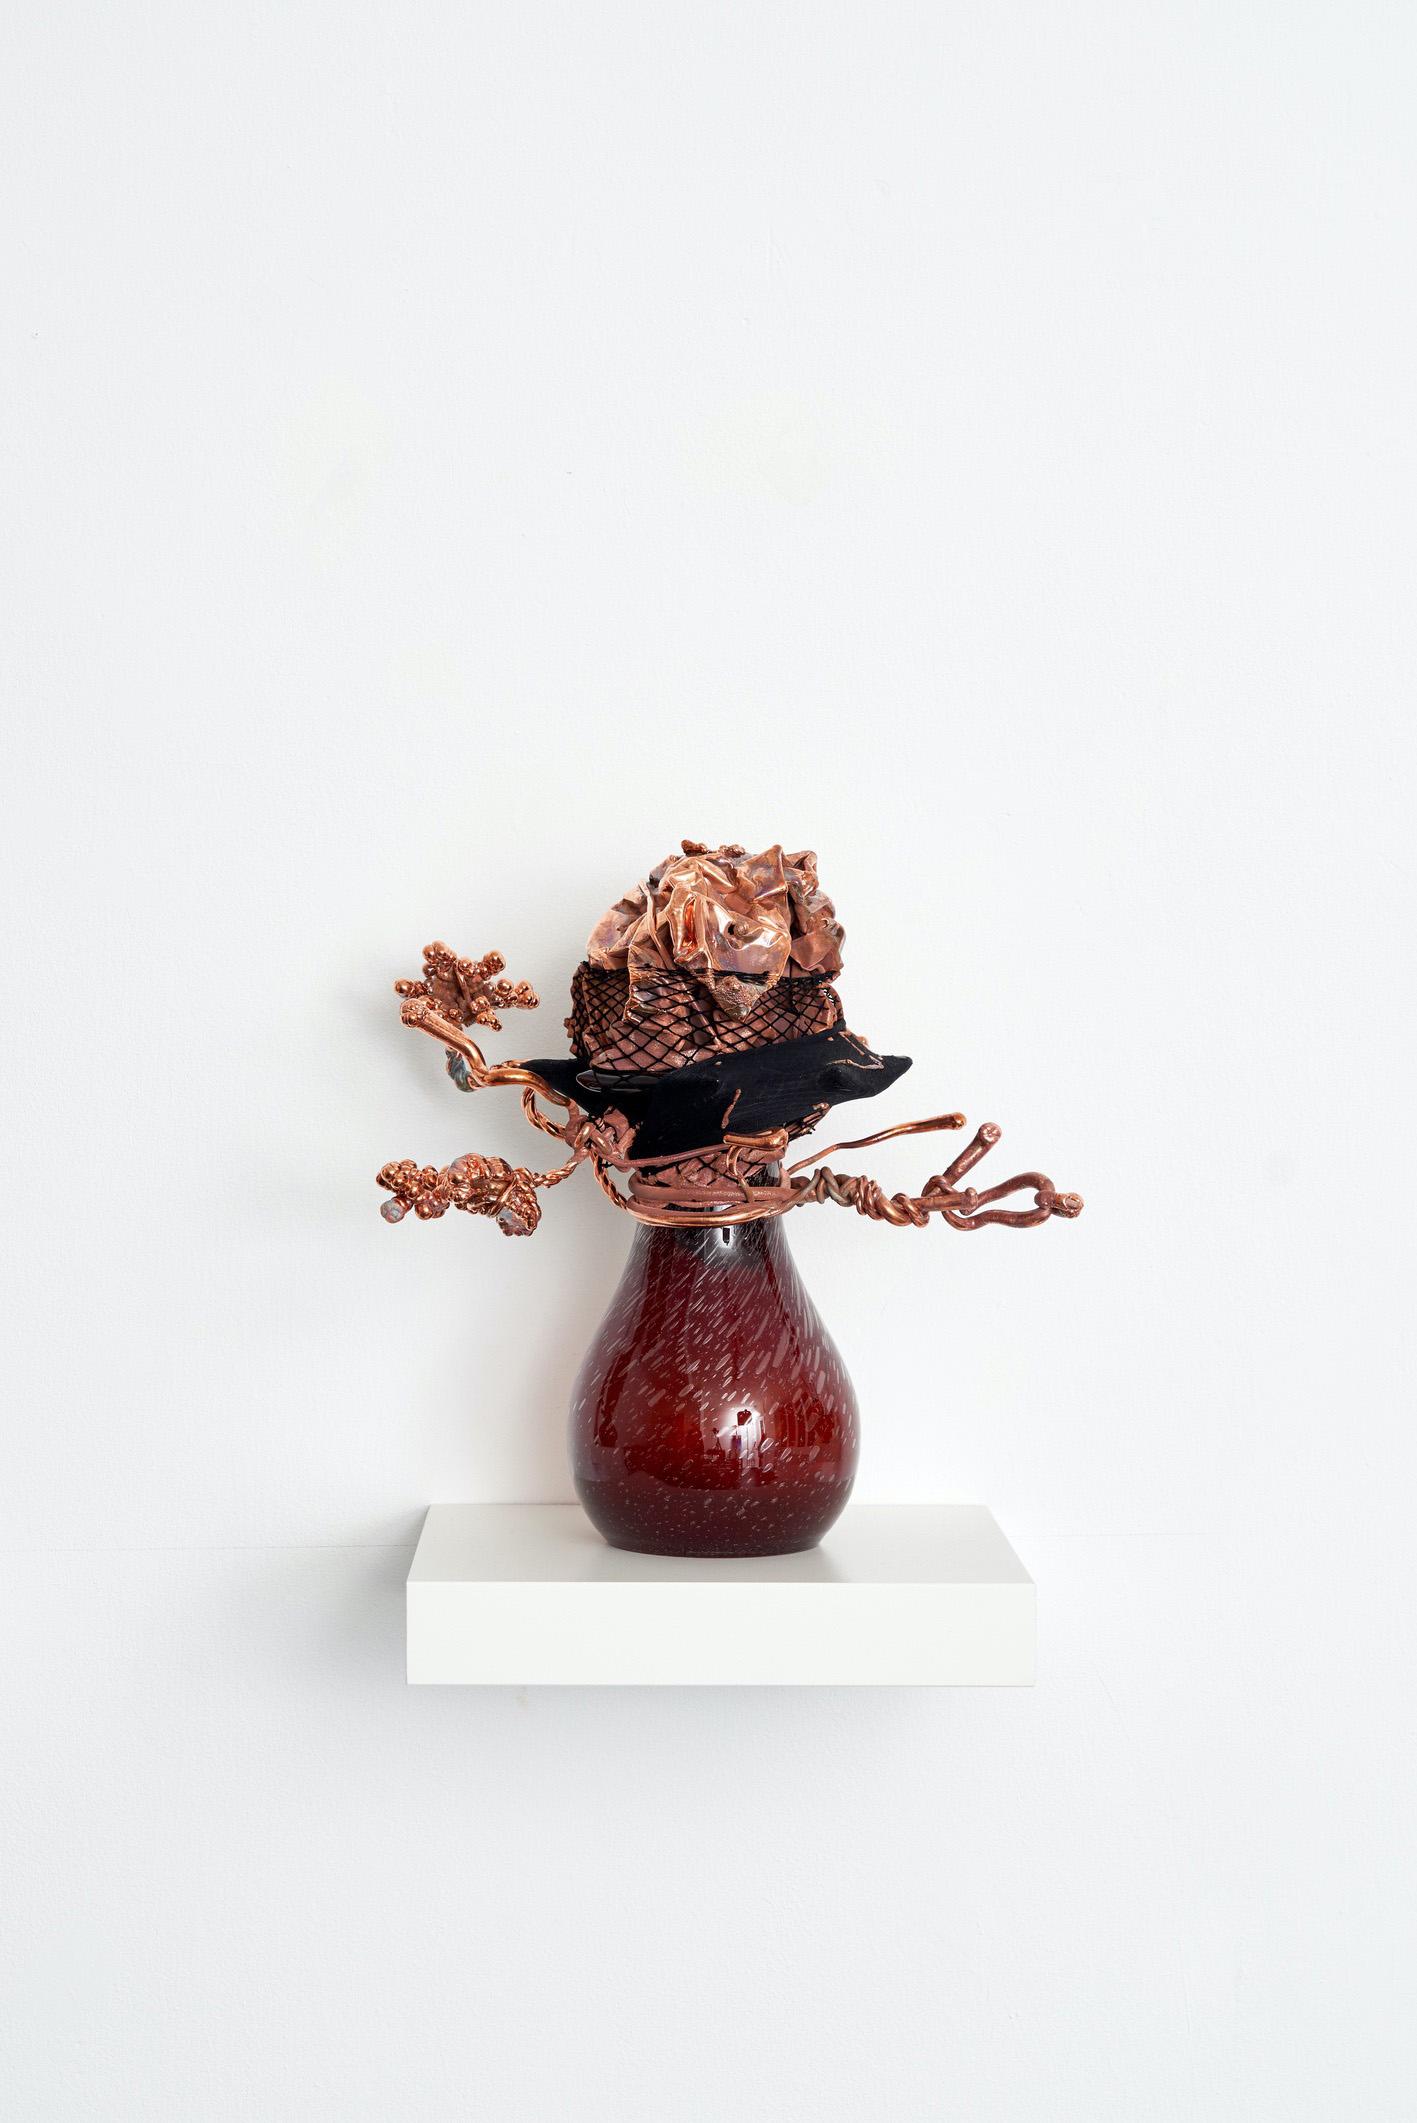 03-Vase-3-2021-Glas-Nylon-Kupfer-36-x-36-x-23-cm